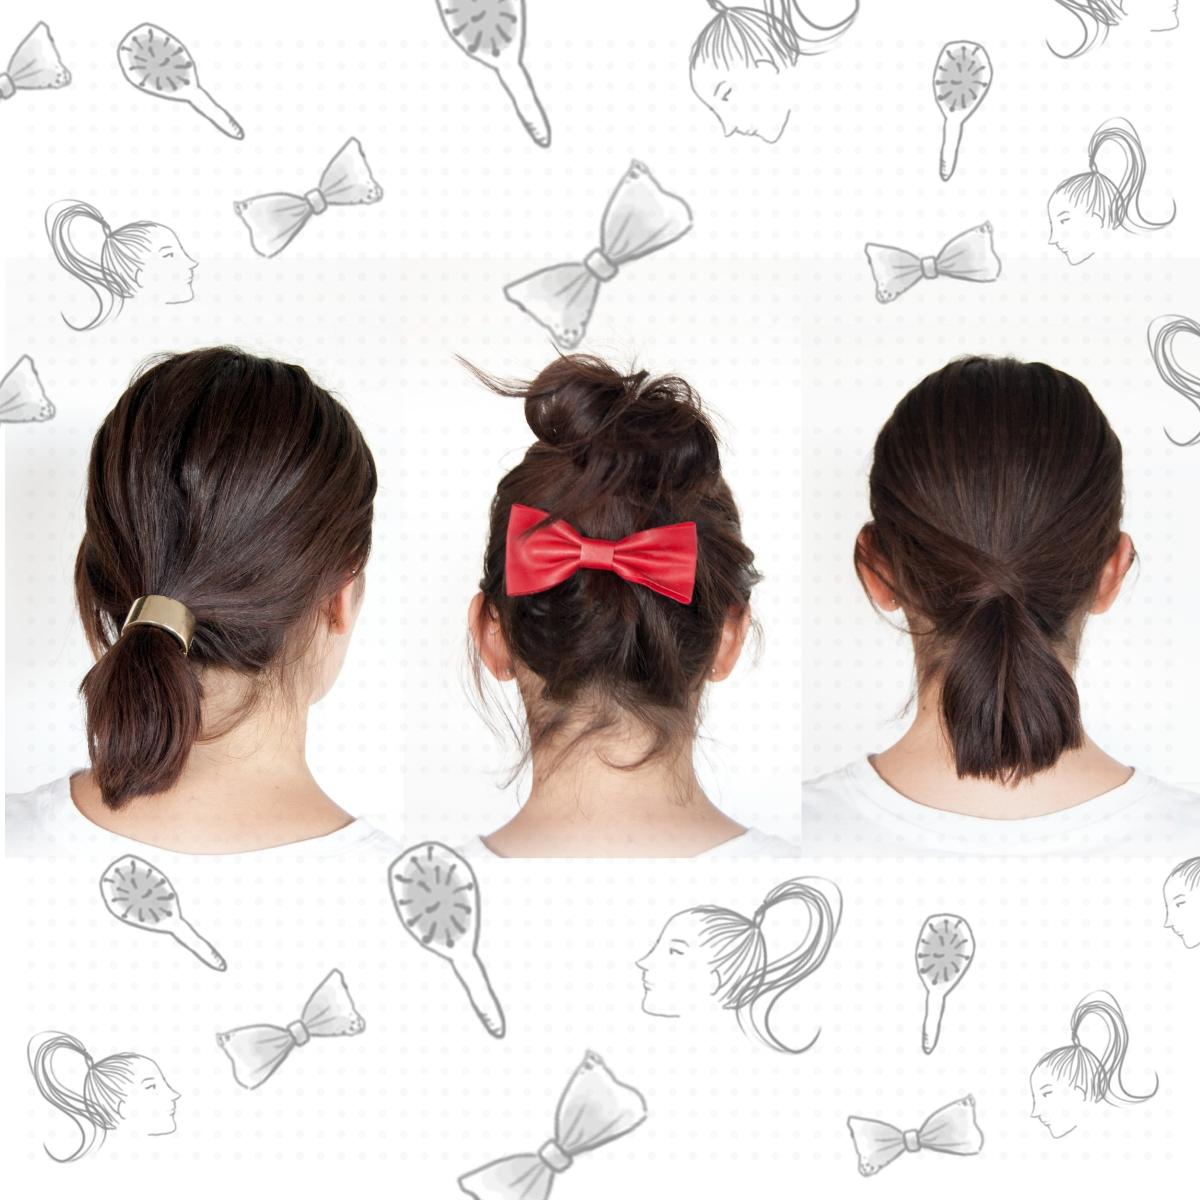 3 peinados fáciles para pelo corto